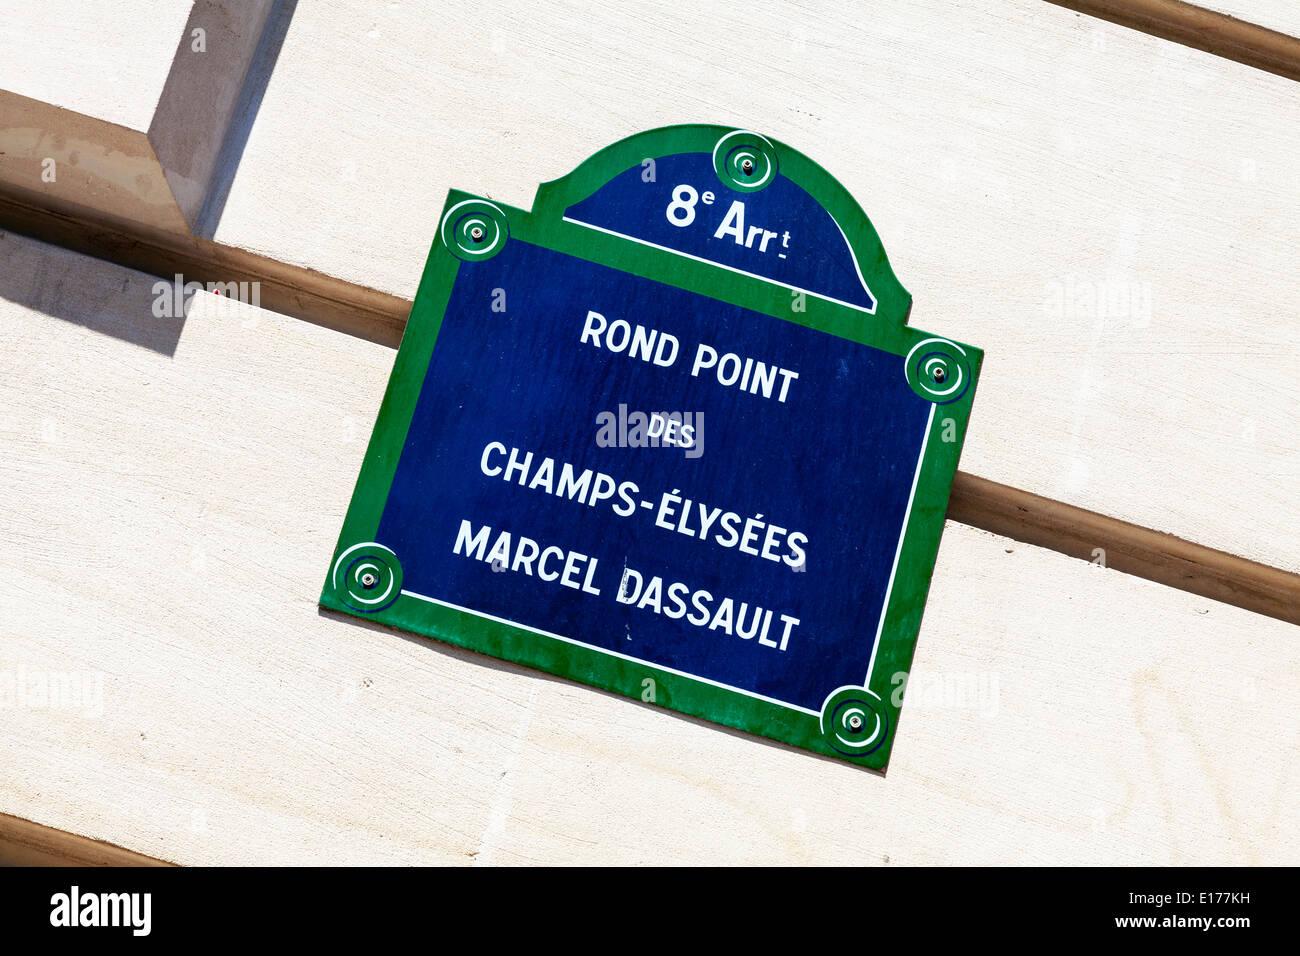 rond point des Avenue Des Champs Elysees Elysées Marcel Dassault sign Paris city europe european destination - Stock Image